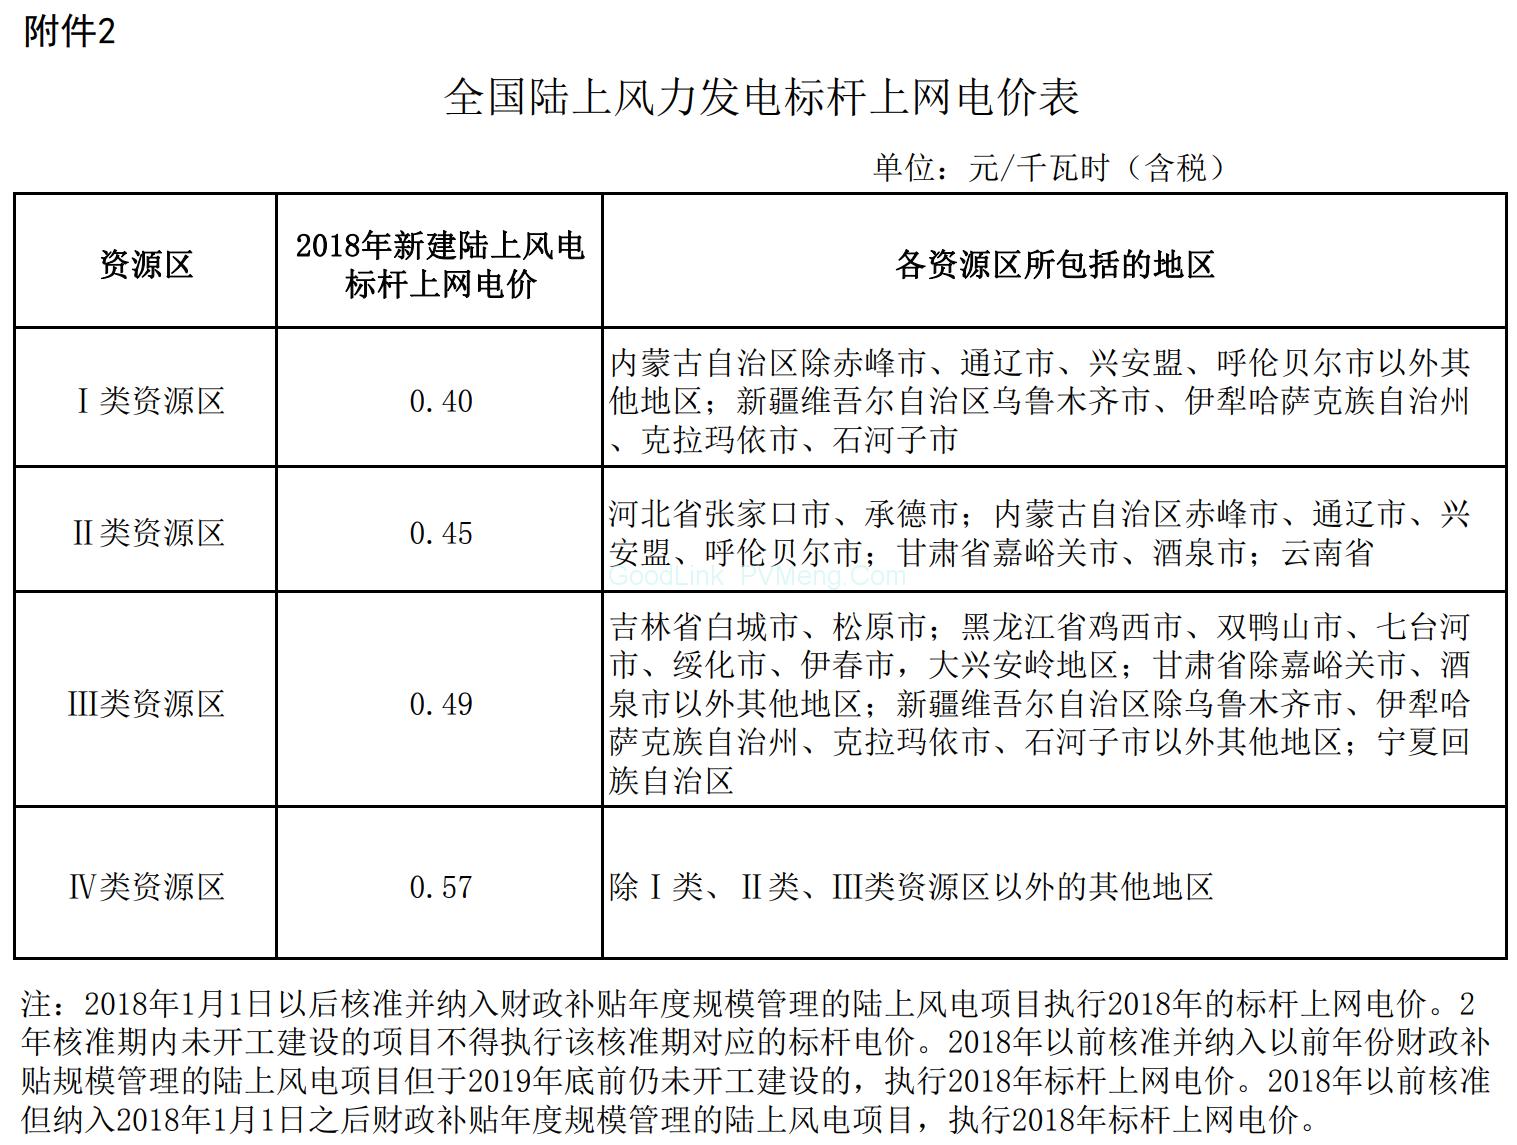 国家发改委关于调整光伏发电陆上风电标杆上网电价的通知(发改价格〔2016〕2729号)20161226